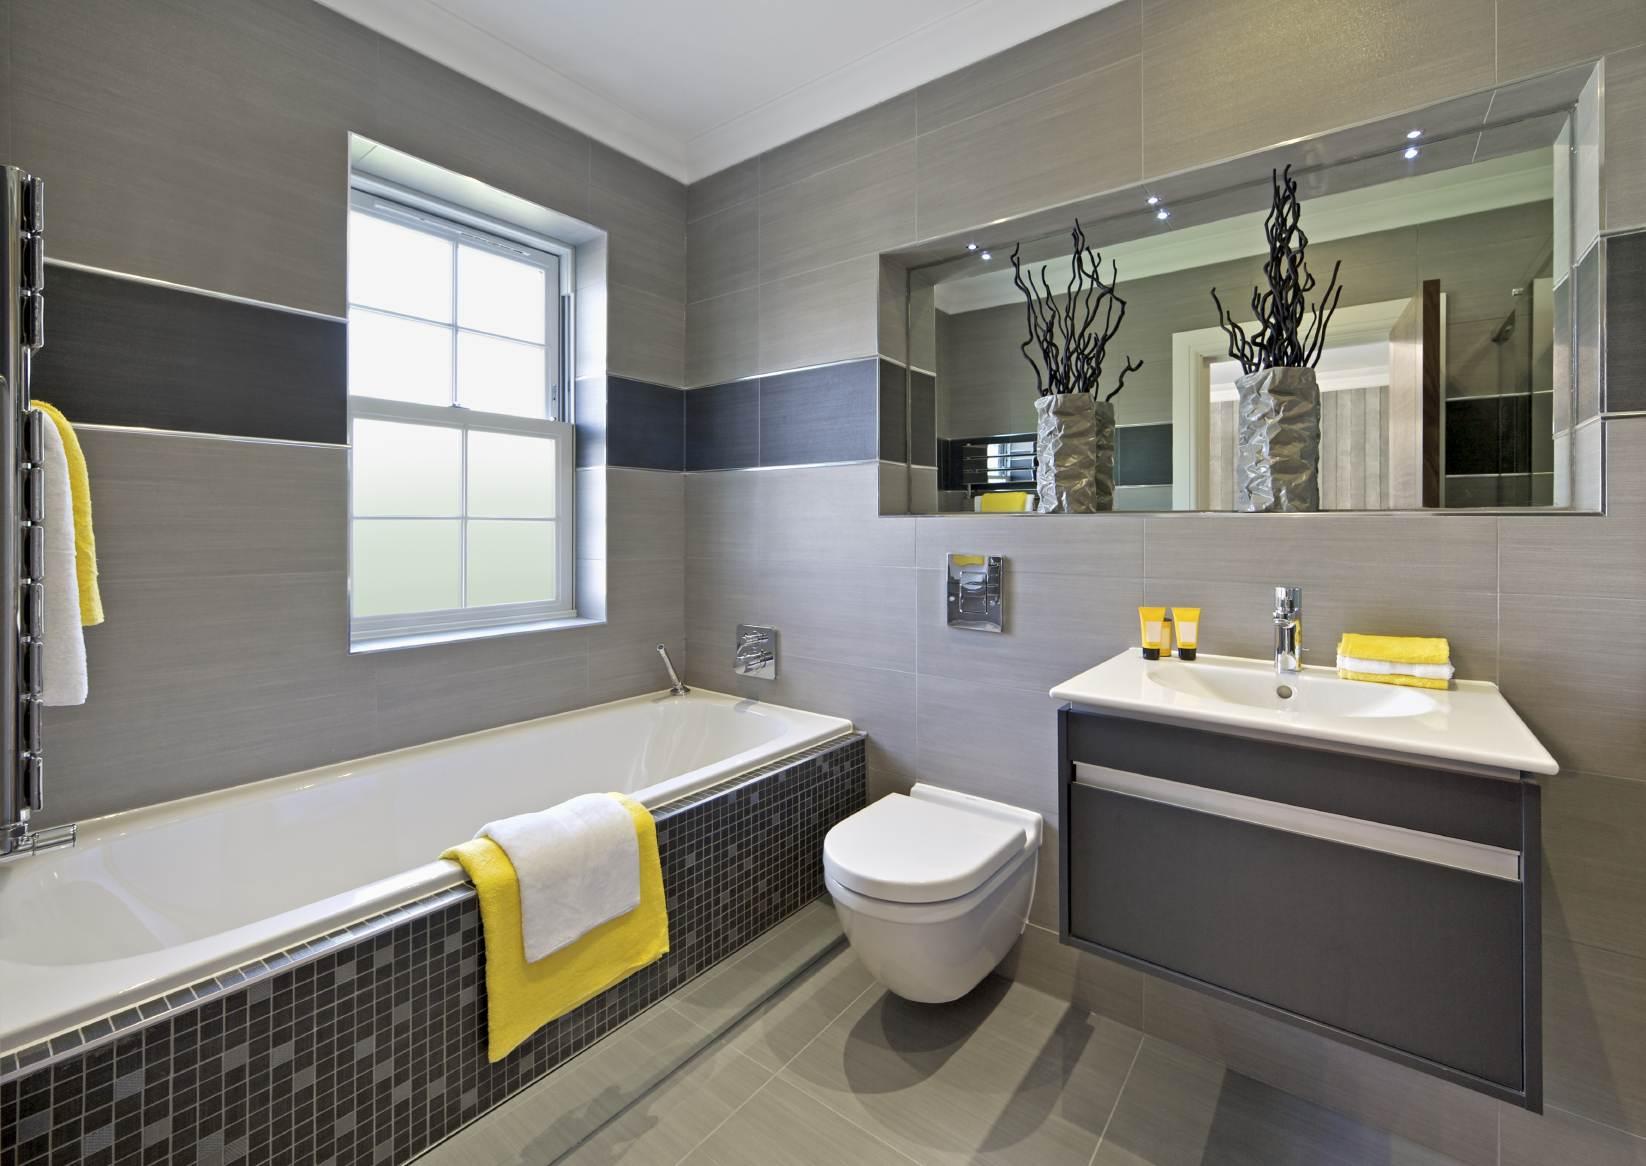 Salle de bains aide au choix budget type infos for Salle de bain pratique